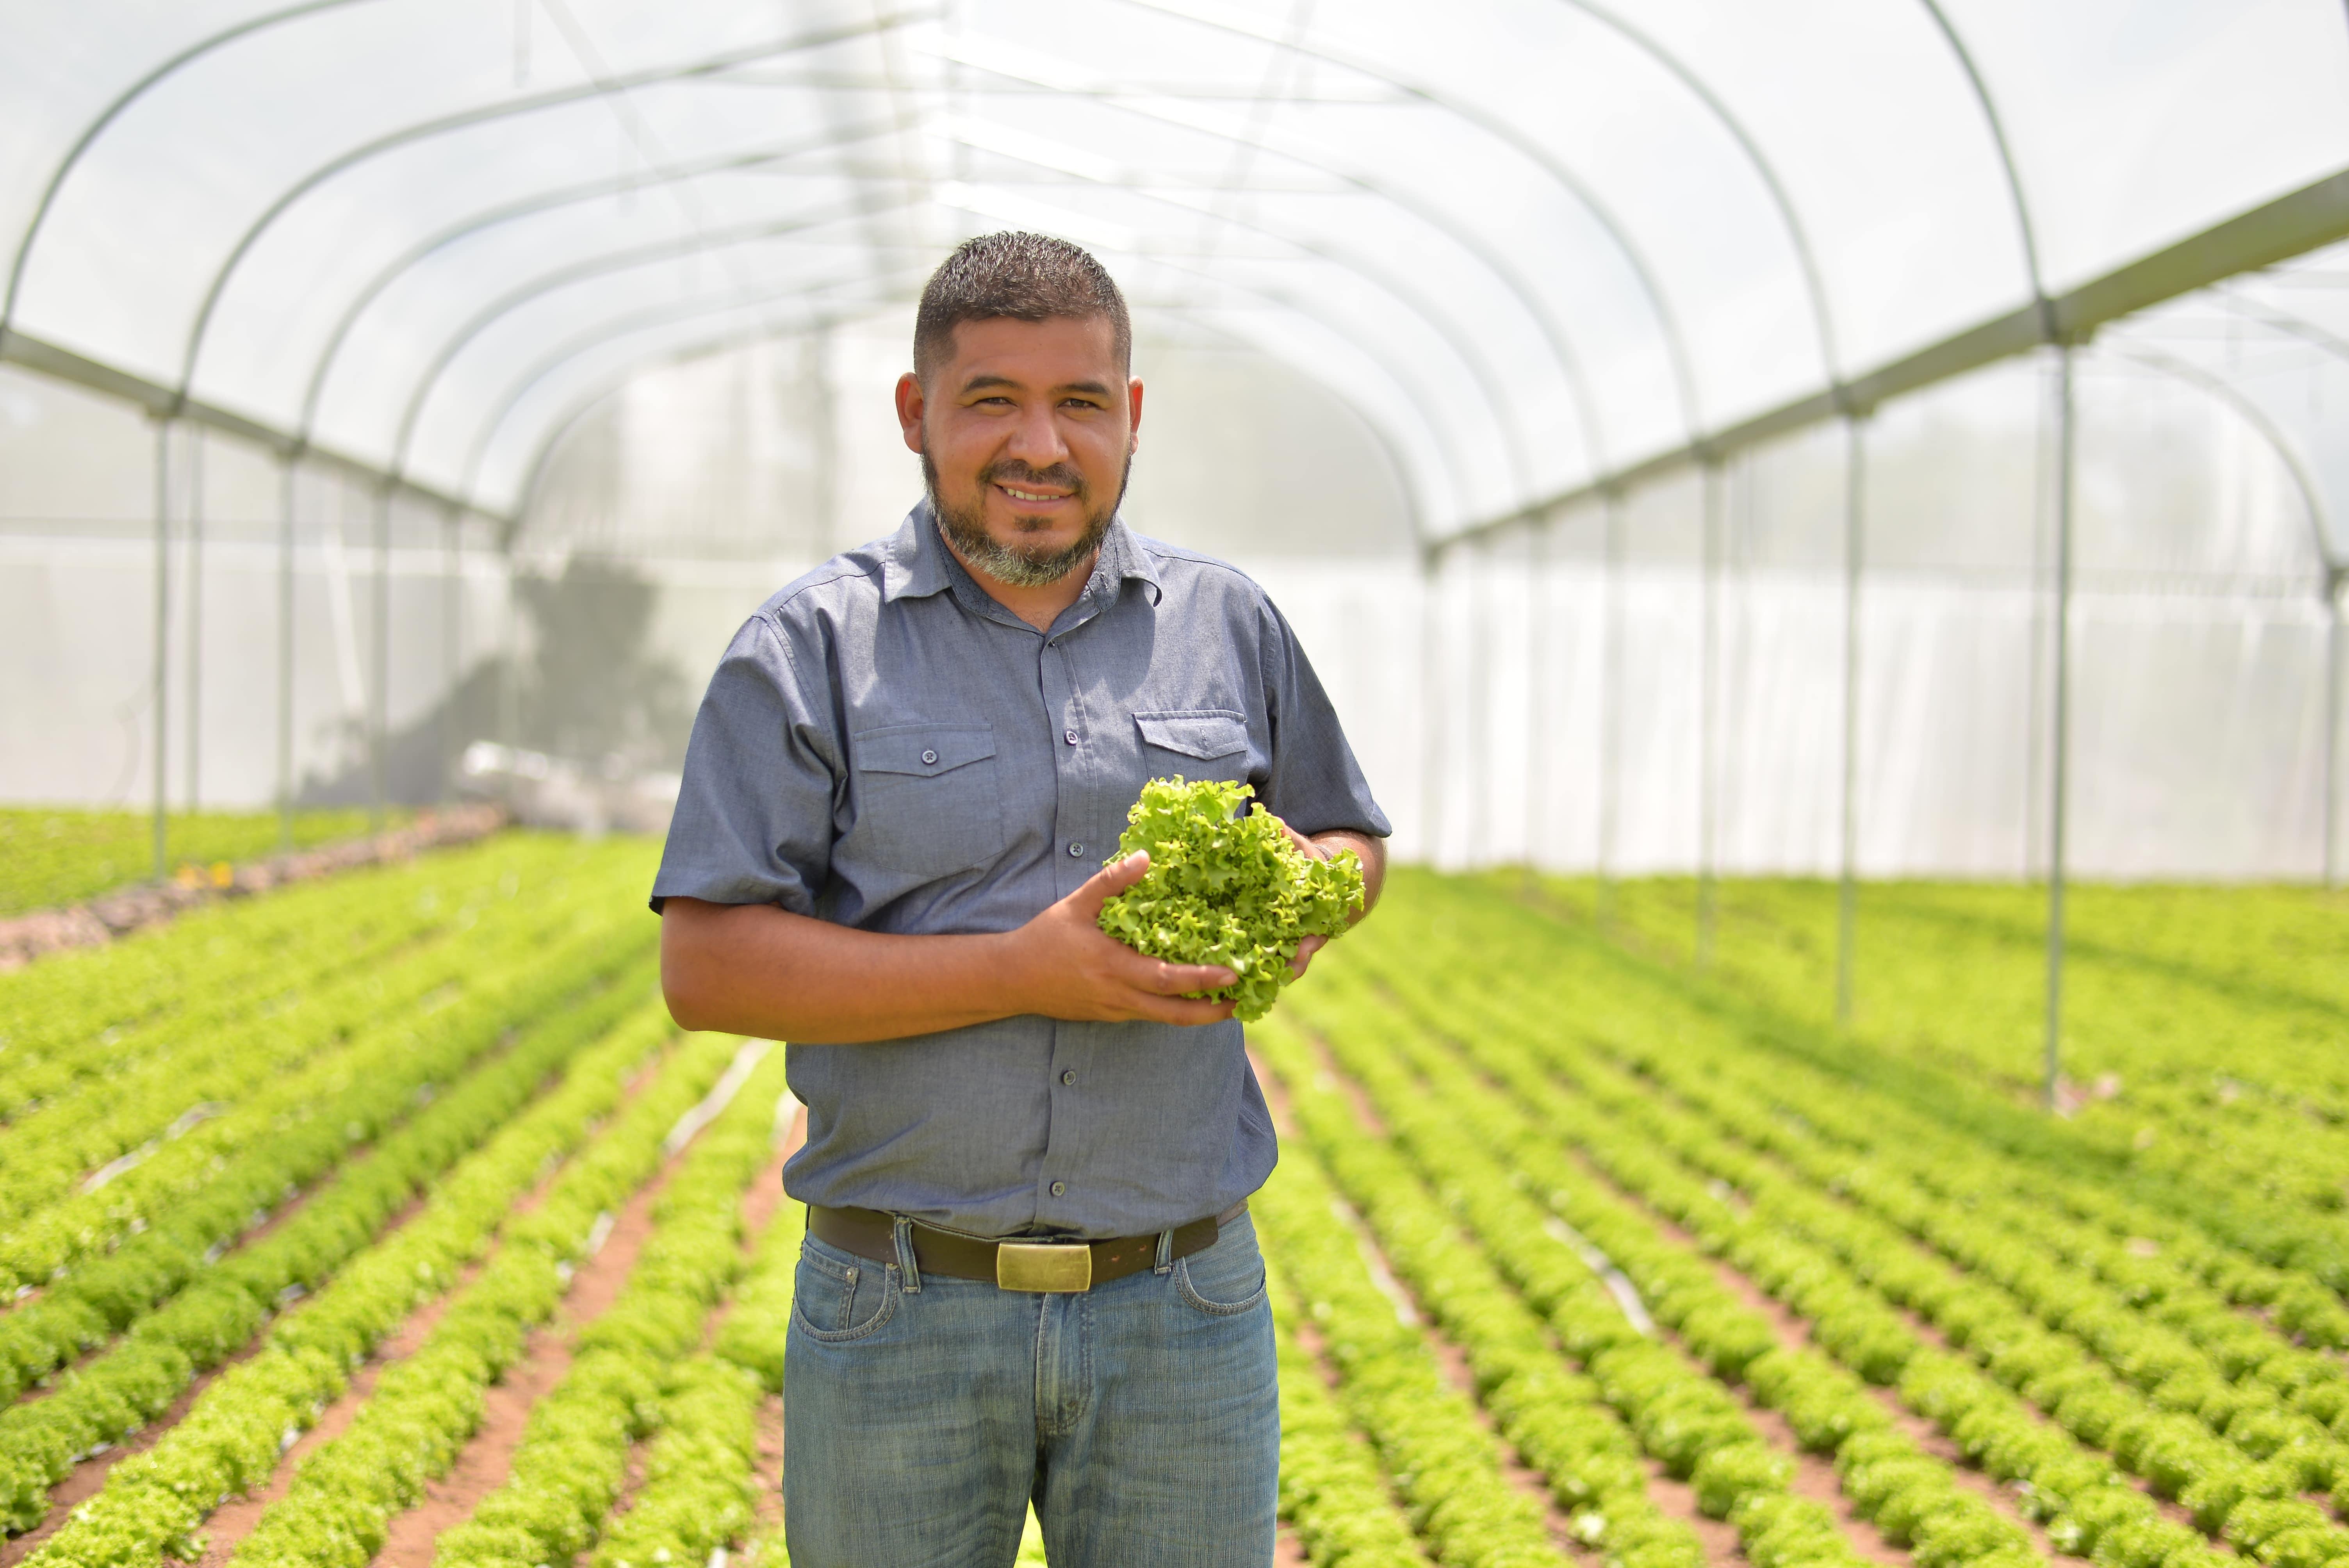 Productor nicaragüense de lechuga gana proyecto regional de inversión agropecuaria de Walmart Centroamérica